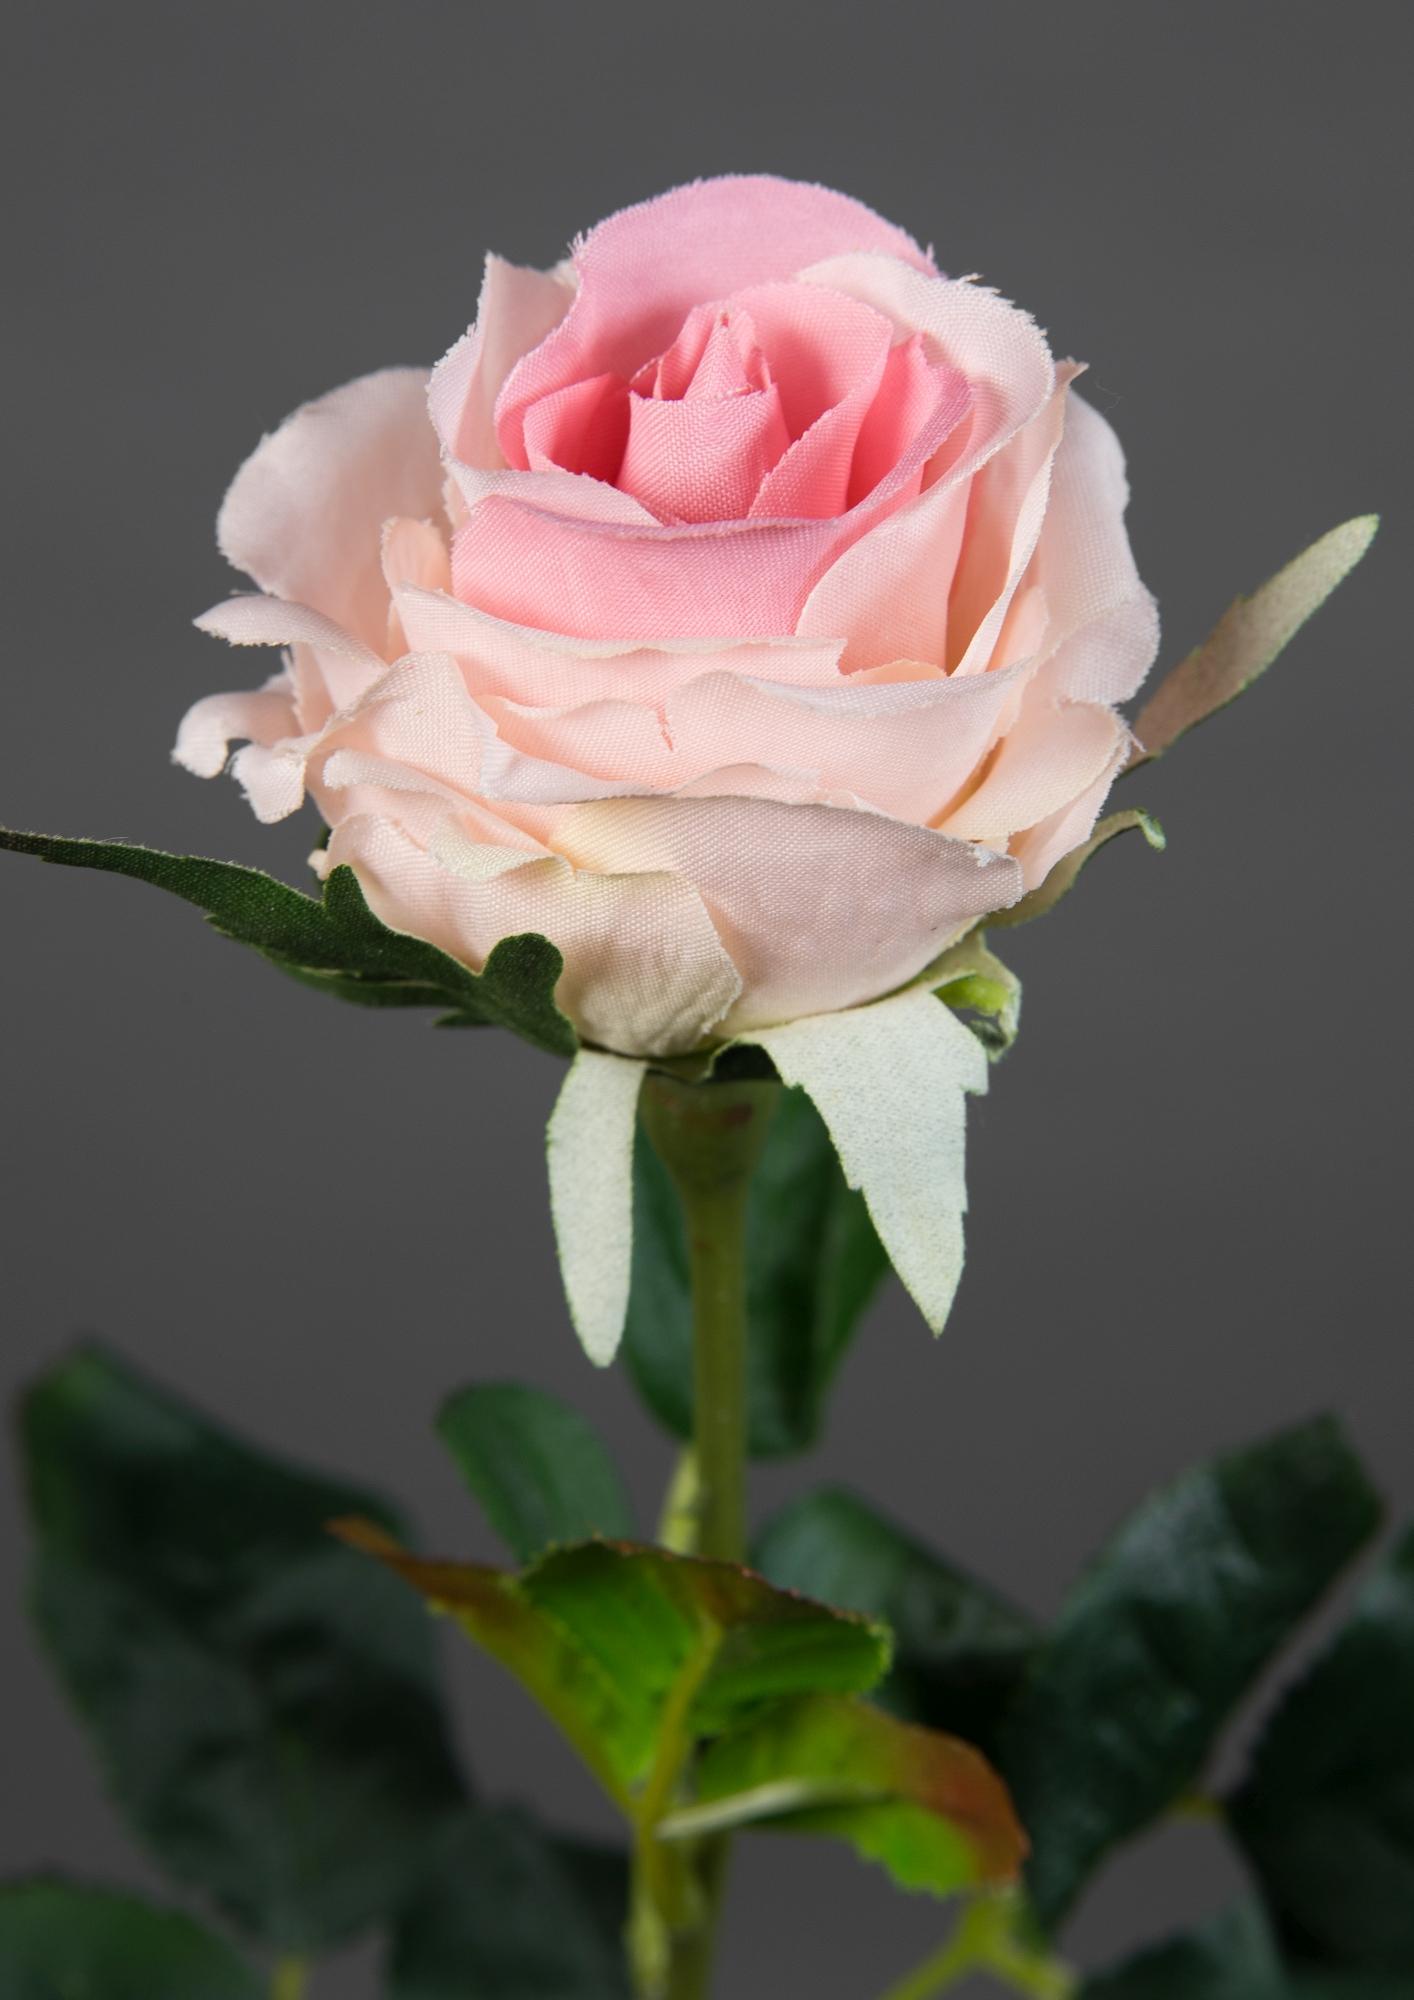 12 Stück Rose Elena 45cm weiß PM Kunstblumen künstliche Blumen Rosen